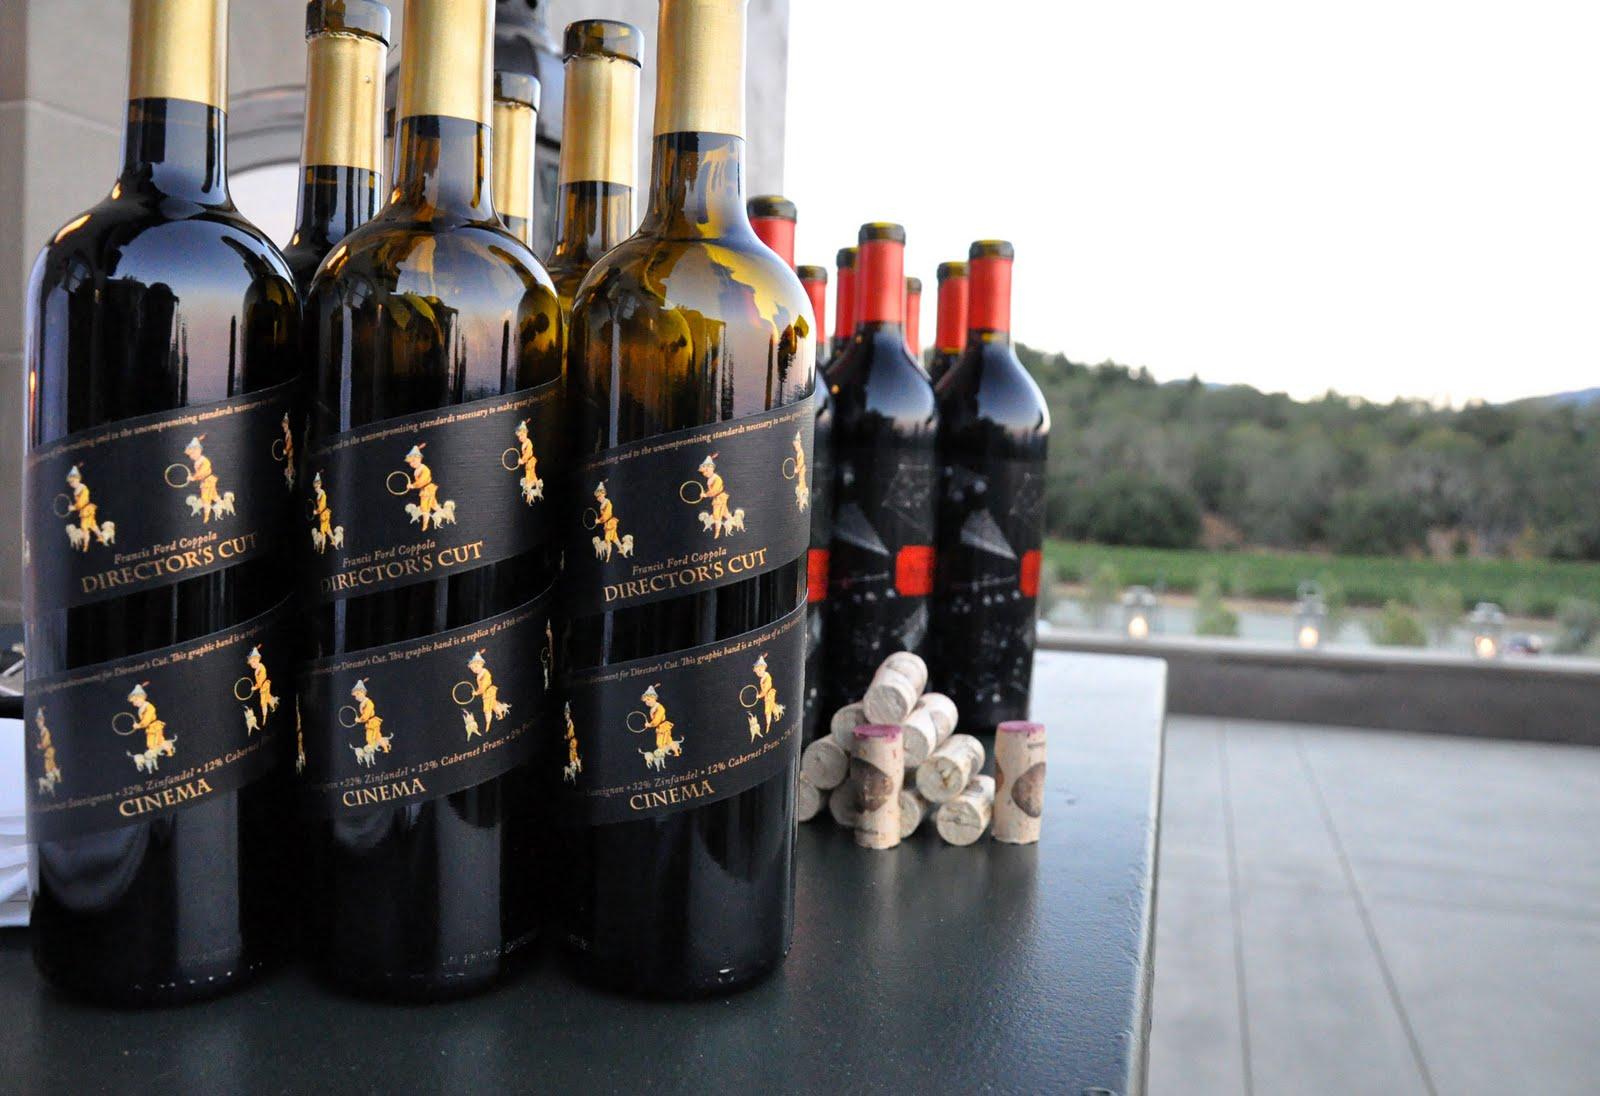 http://1.bp.blogspot.com/_R4F_XGcAgQU/TIiA0qfo38I/AAAAAAAADB0/TLaNwRBu6_k/s1600/15.+bottles+corks.jpg